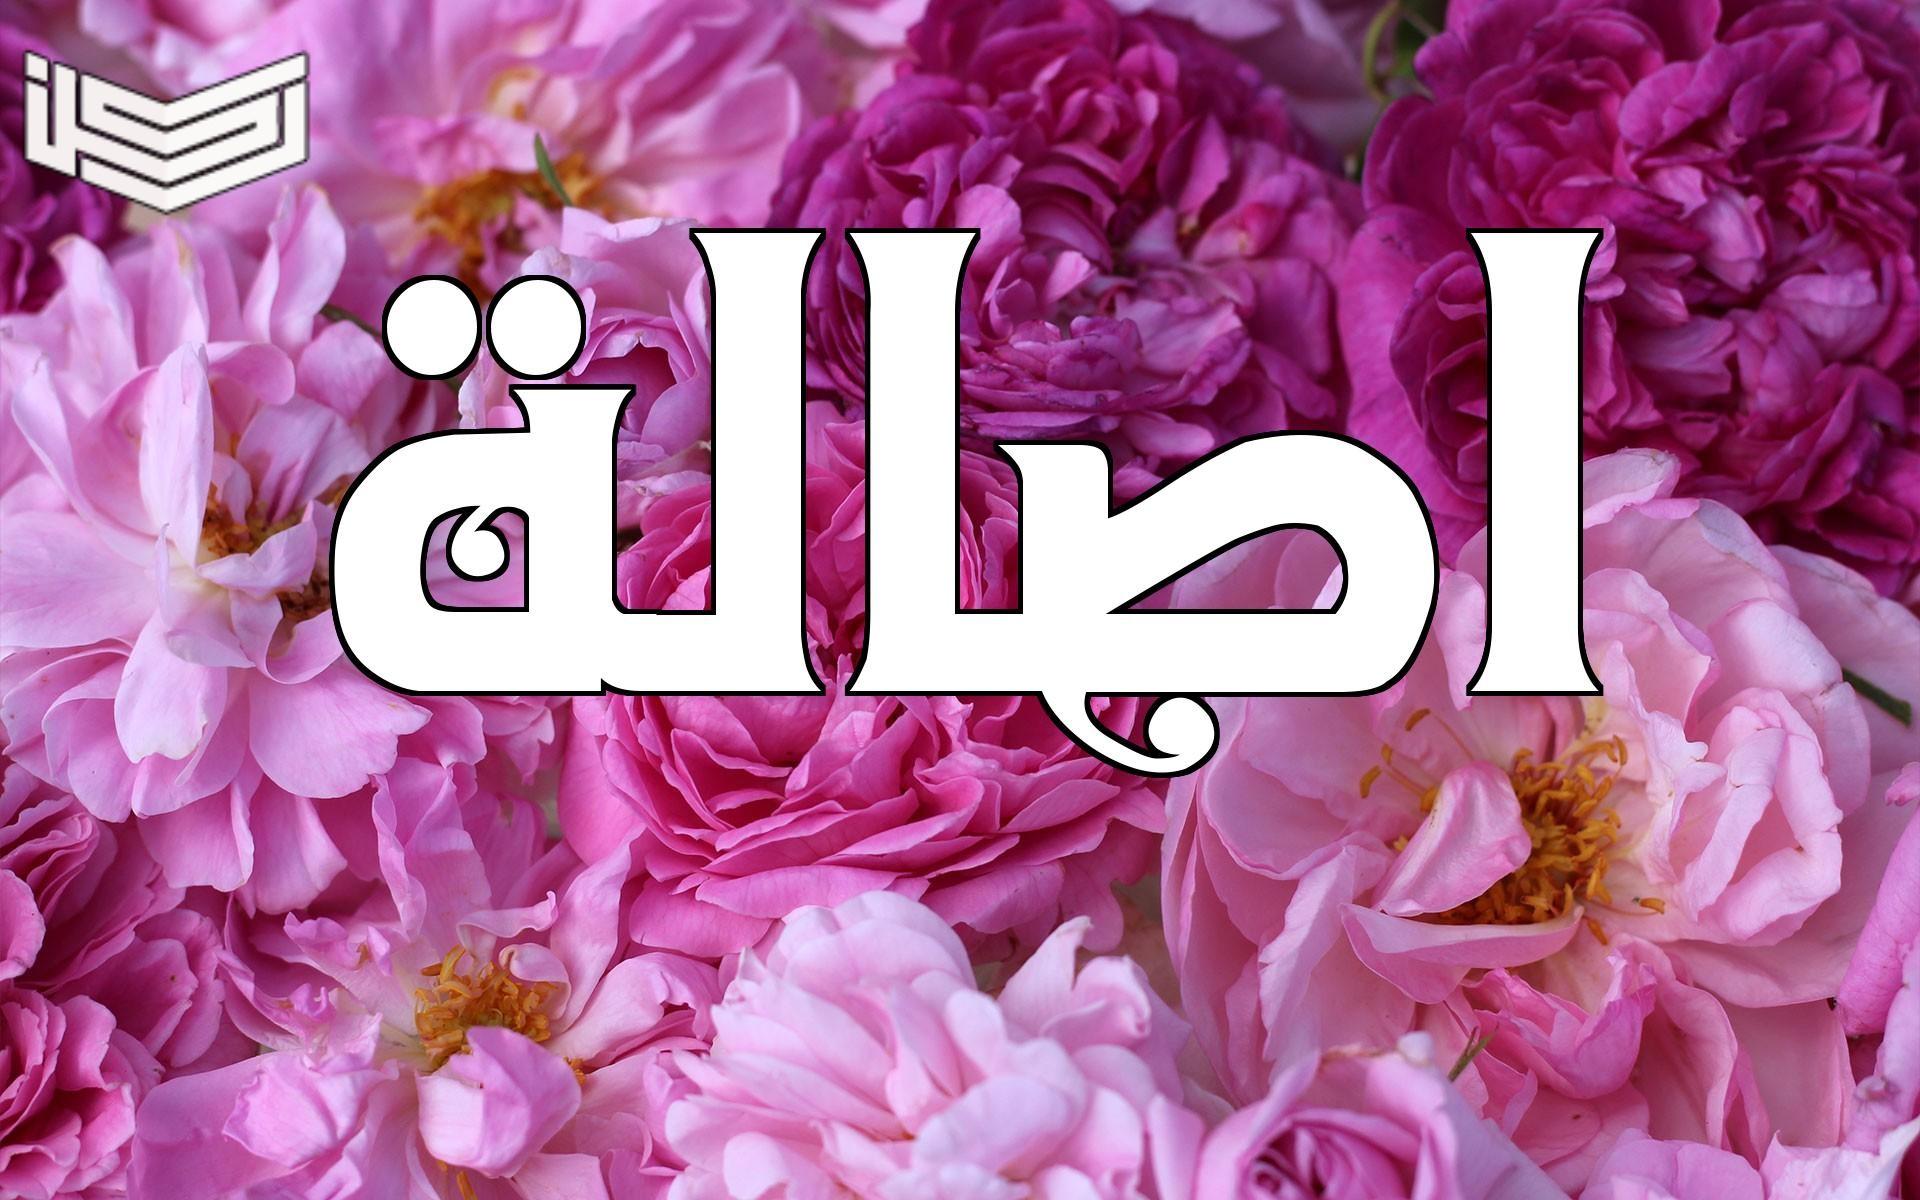 معنى اسم أصالة في المعجم العربي علم النفس